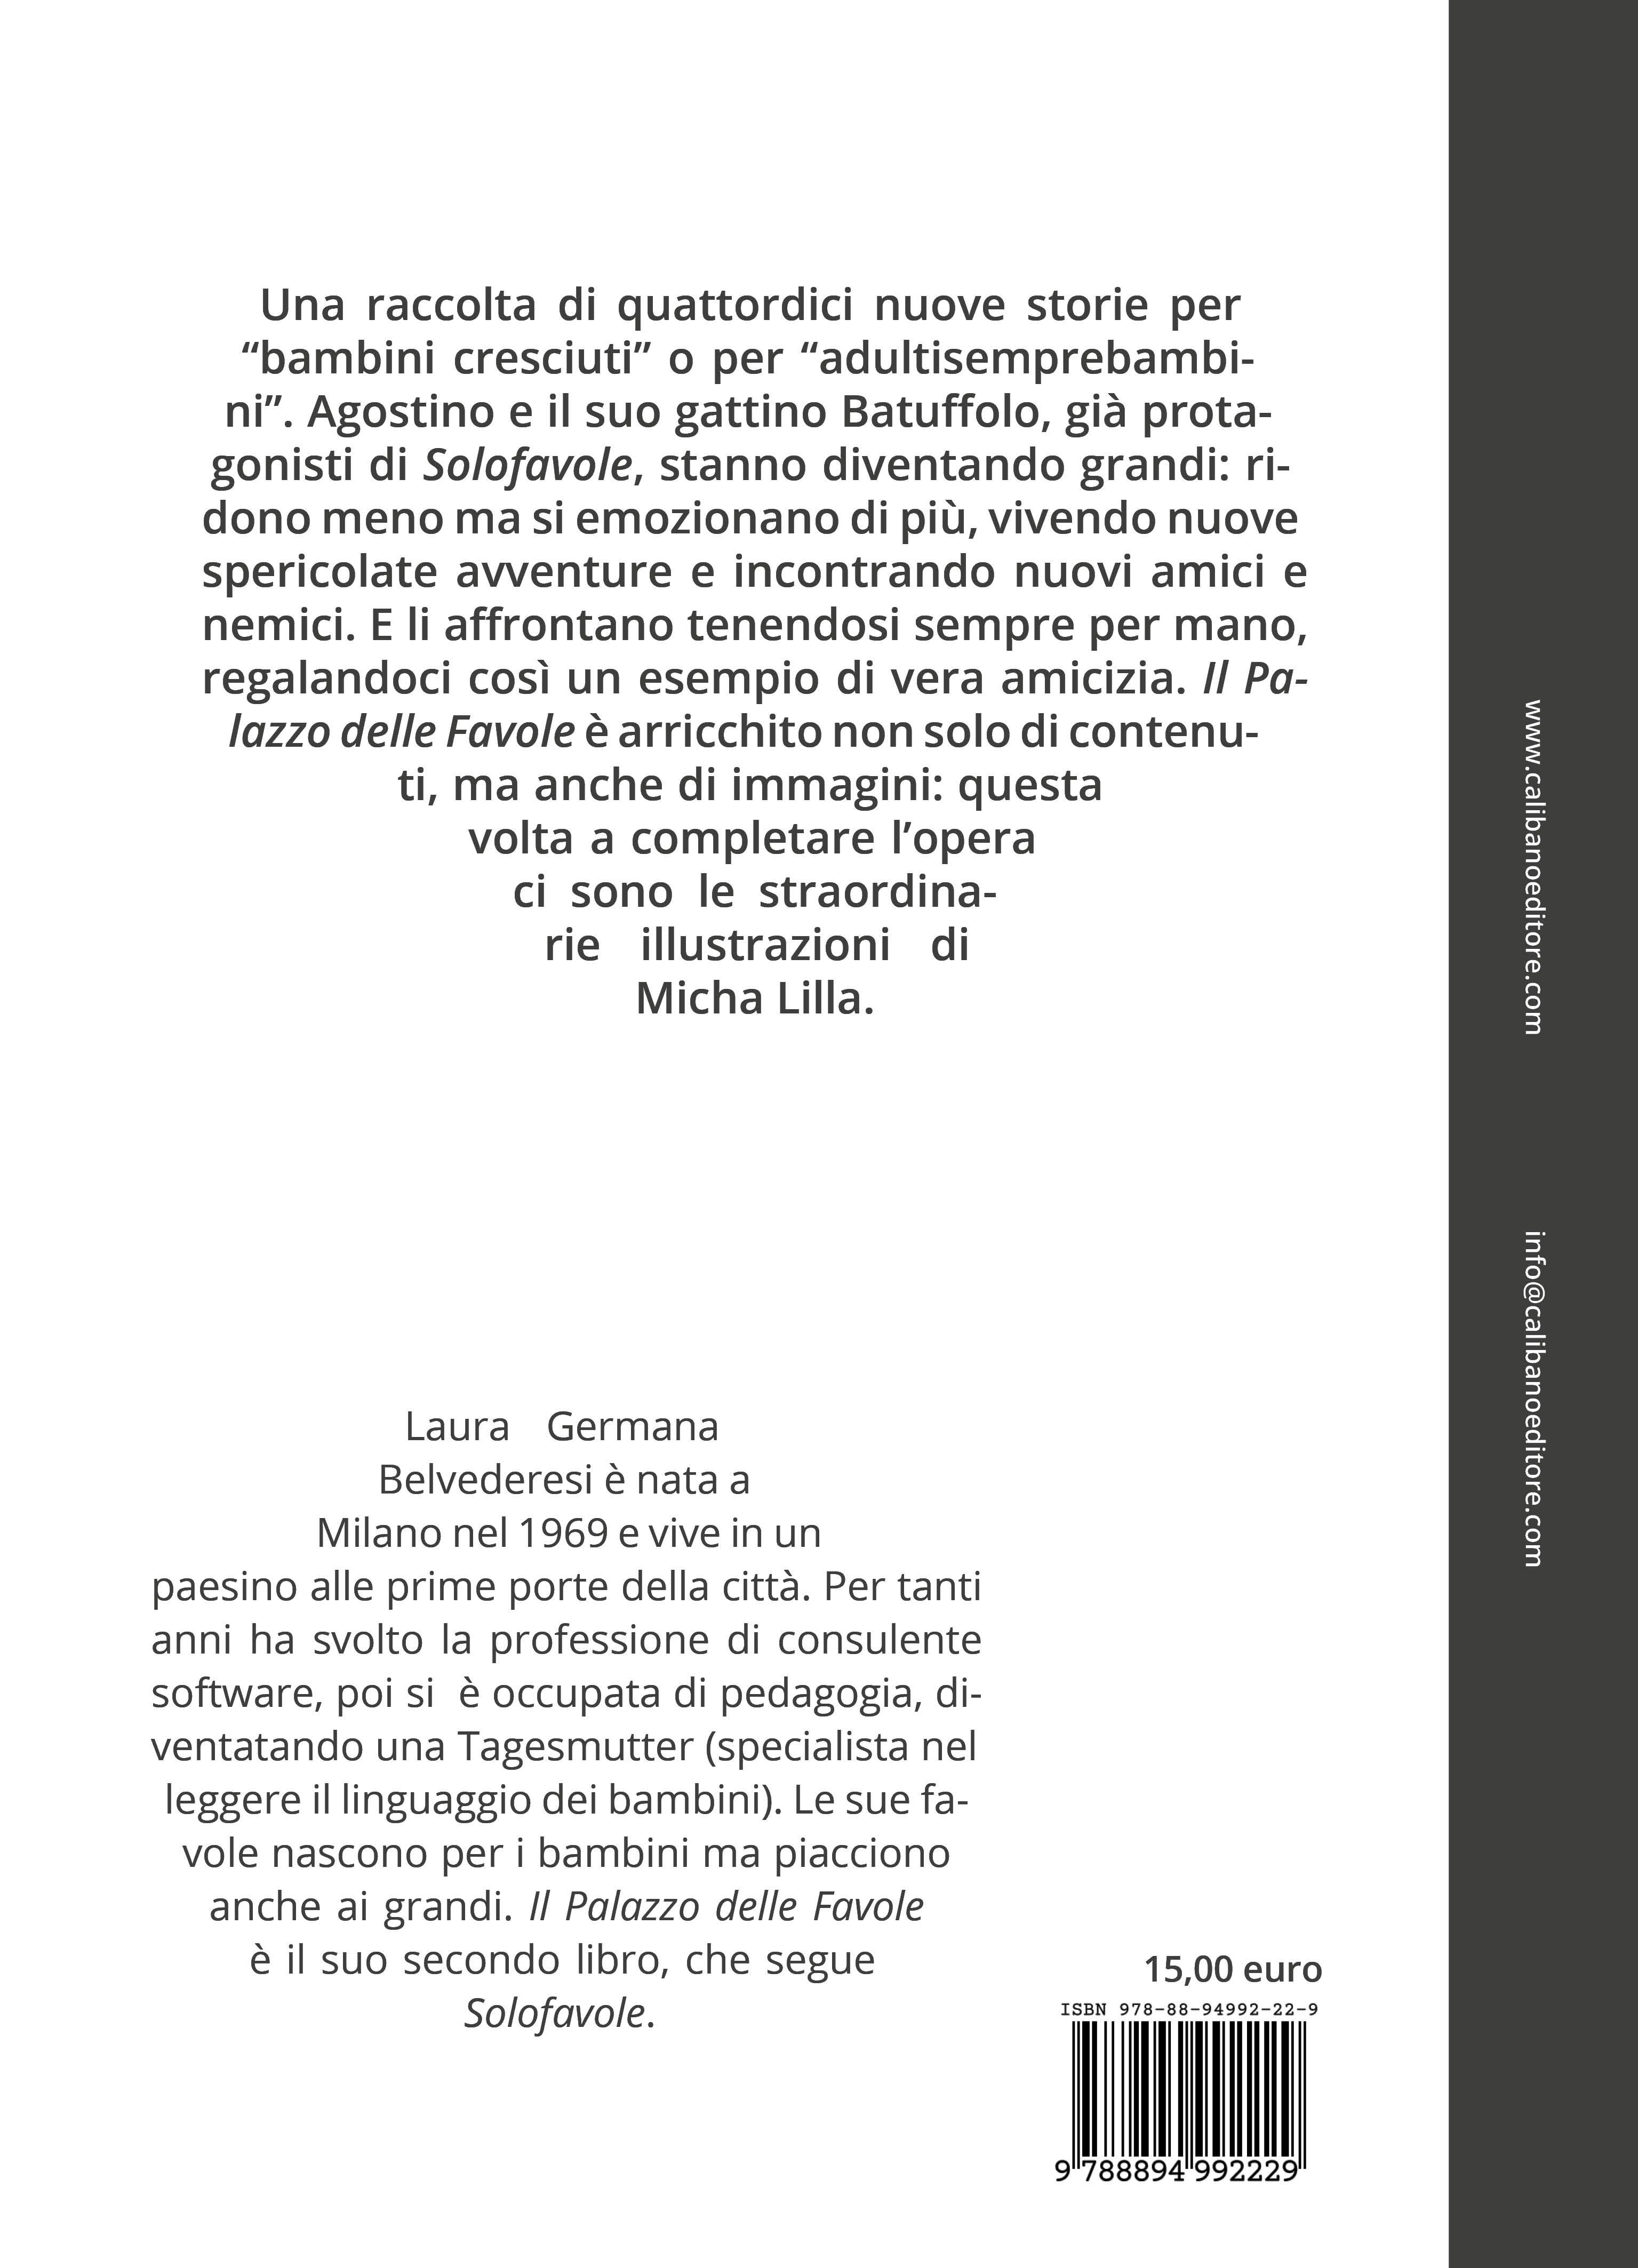 Il Palazzo delle Favole-image-2%>